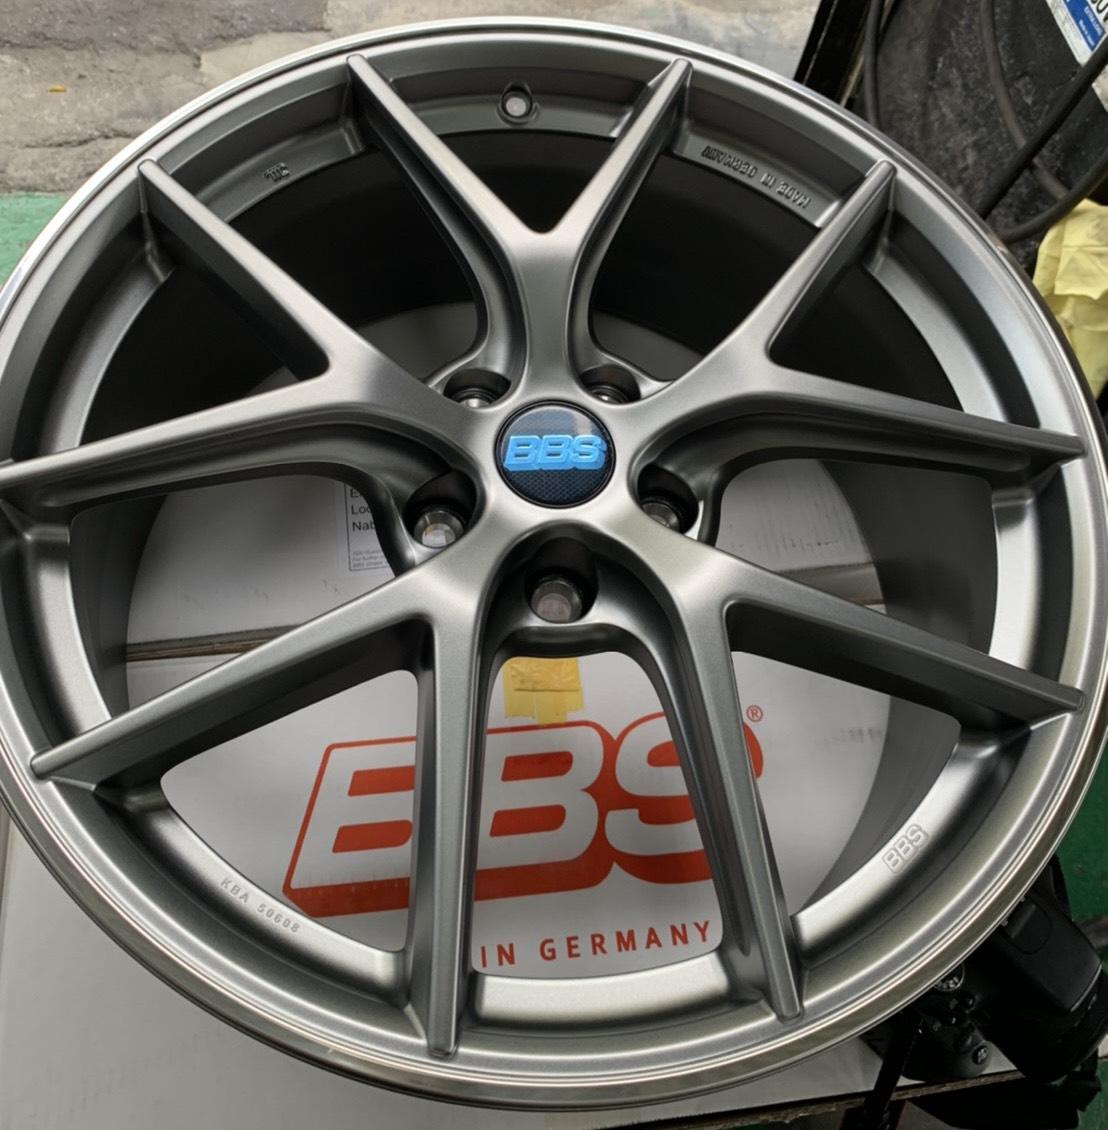 全新鋁圈 正品 BBS CIR CI-R 旋壓鑄造 輕量化 德國製 19吋 5孔114.3 灰色 (現貨) 特斯拉...